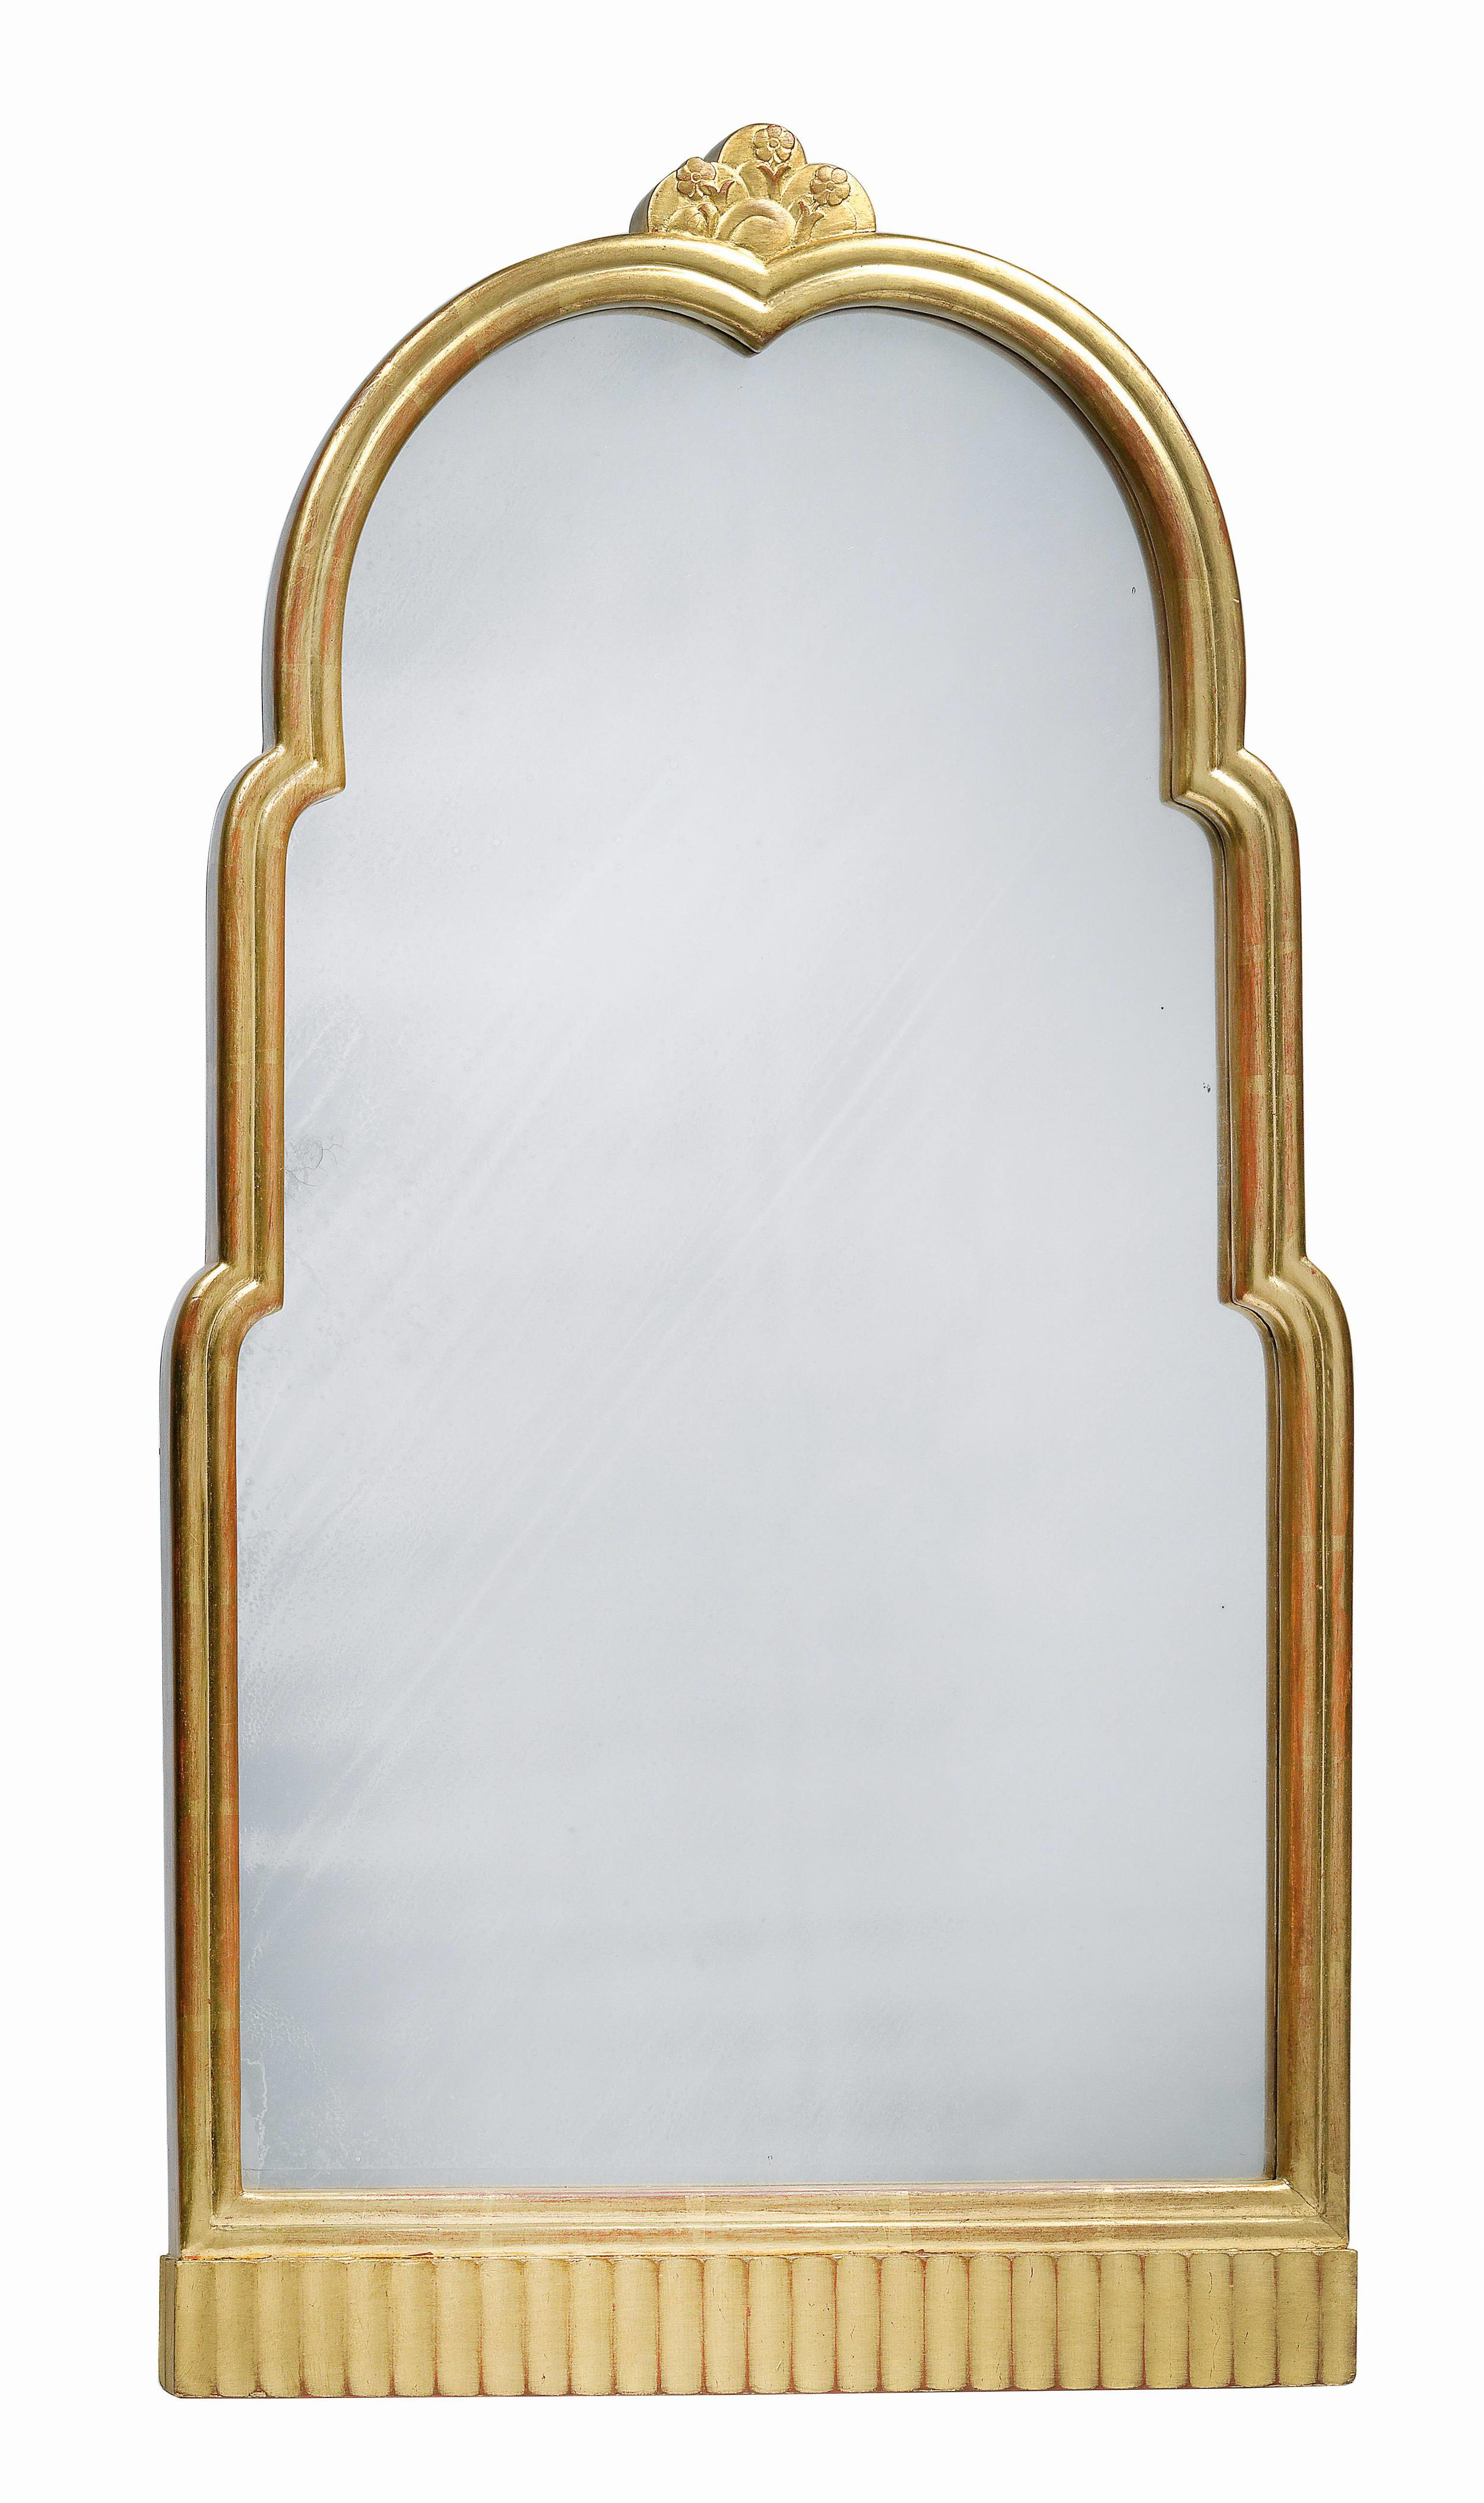 Otto Prutscher (1880-1949) A Rare Giltwood Mirror, c.1915 Dorotheum Vienna